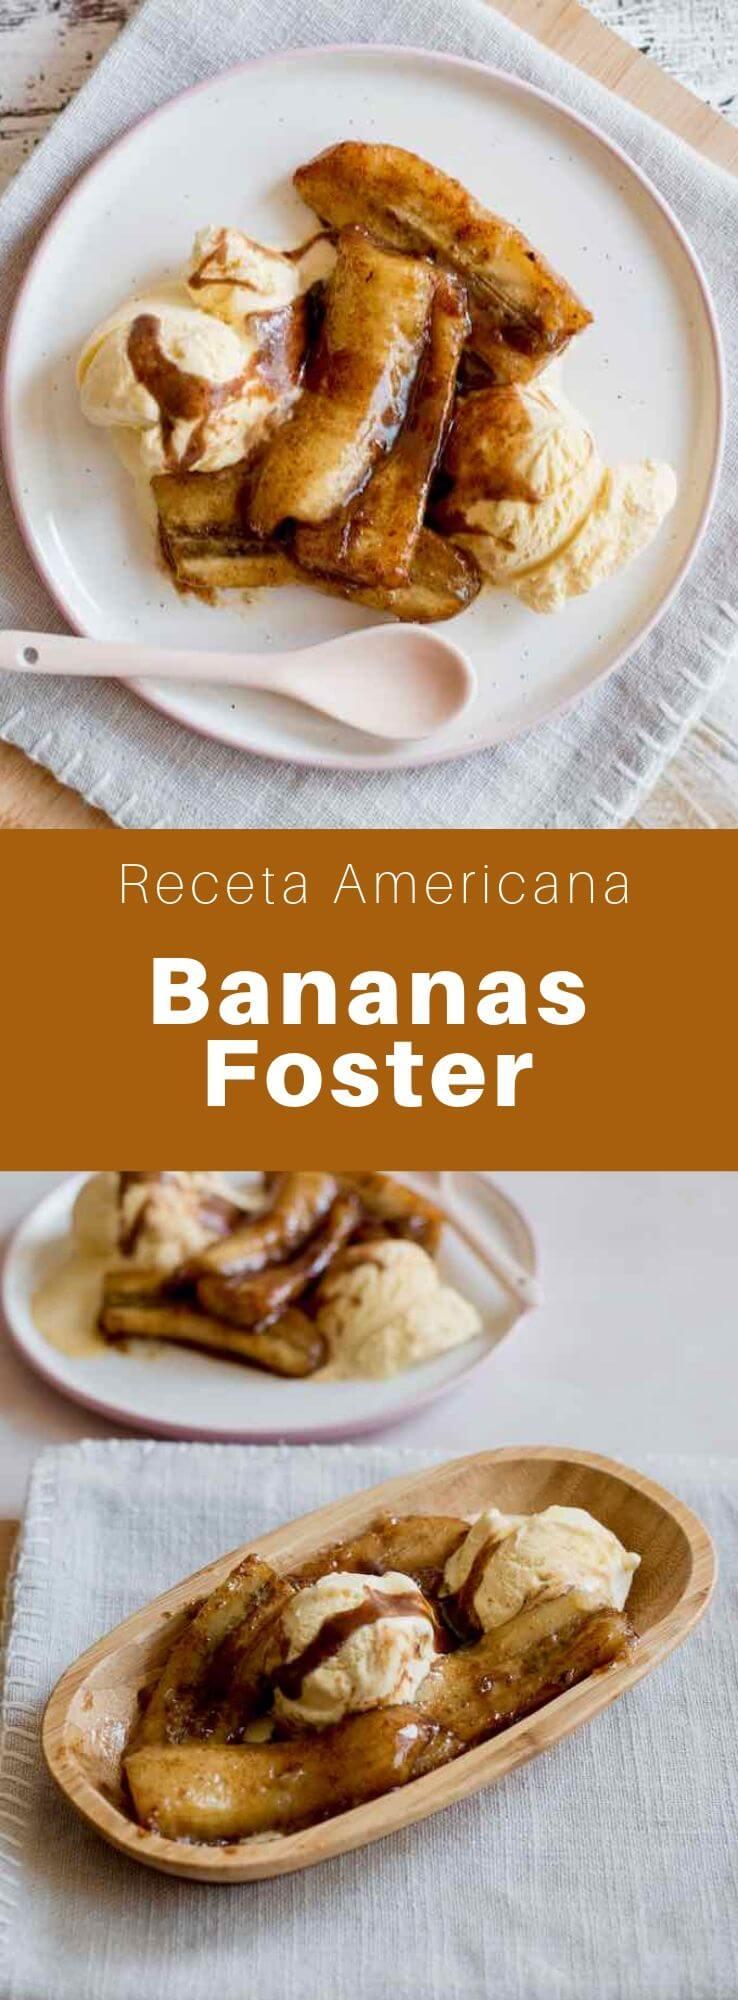 El bananas Foster es un postre de Nueva Orleans hecho con plátanos flambeados con licor de plátano y ron, y servido con helado de vainilla.